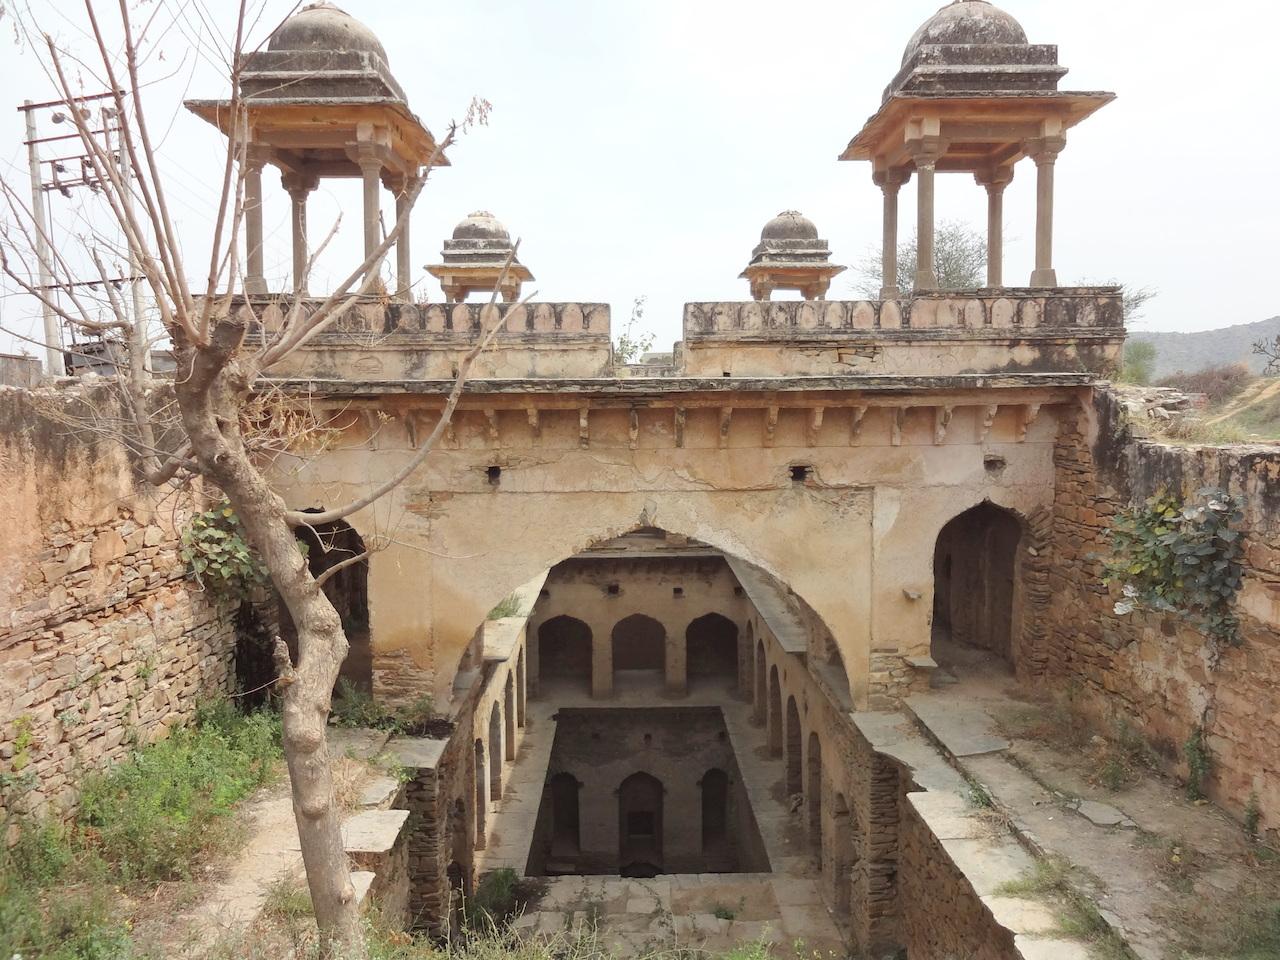 Mukundpura baoli, Narnaul, Haryana. © Victoria Lautman.